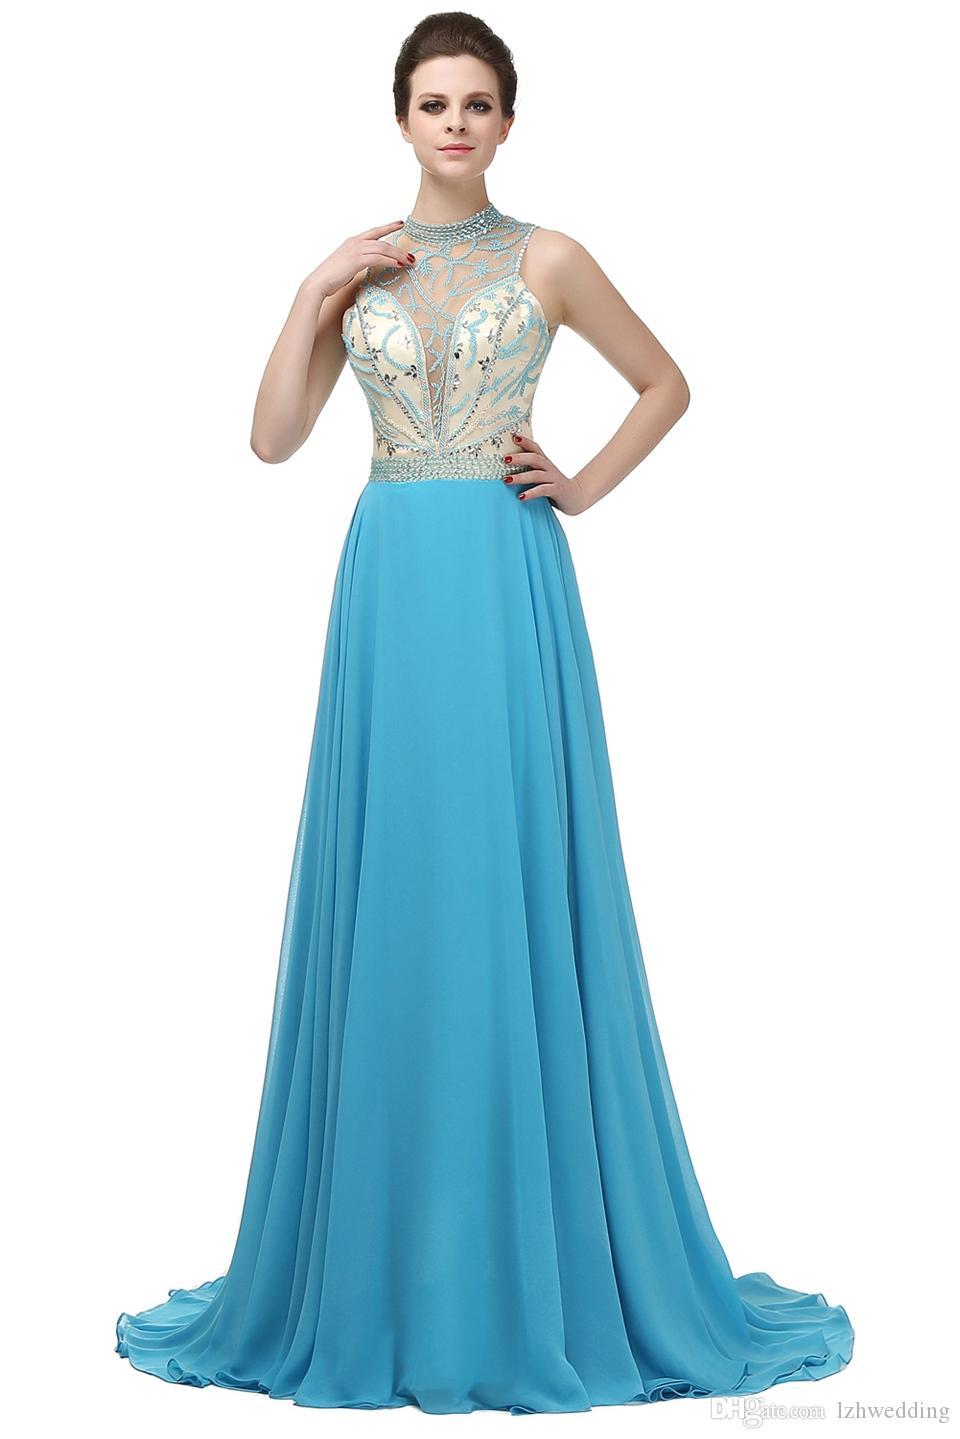 94ed40c54 ... Vestido de noche azul marino con trenzado largo Vestido de noche formal  de tul cristalino largo ...